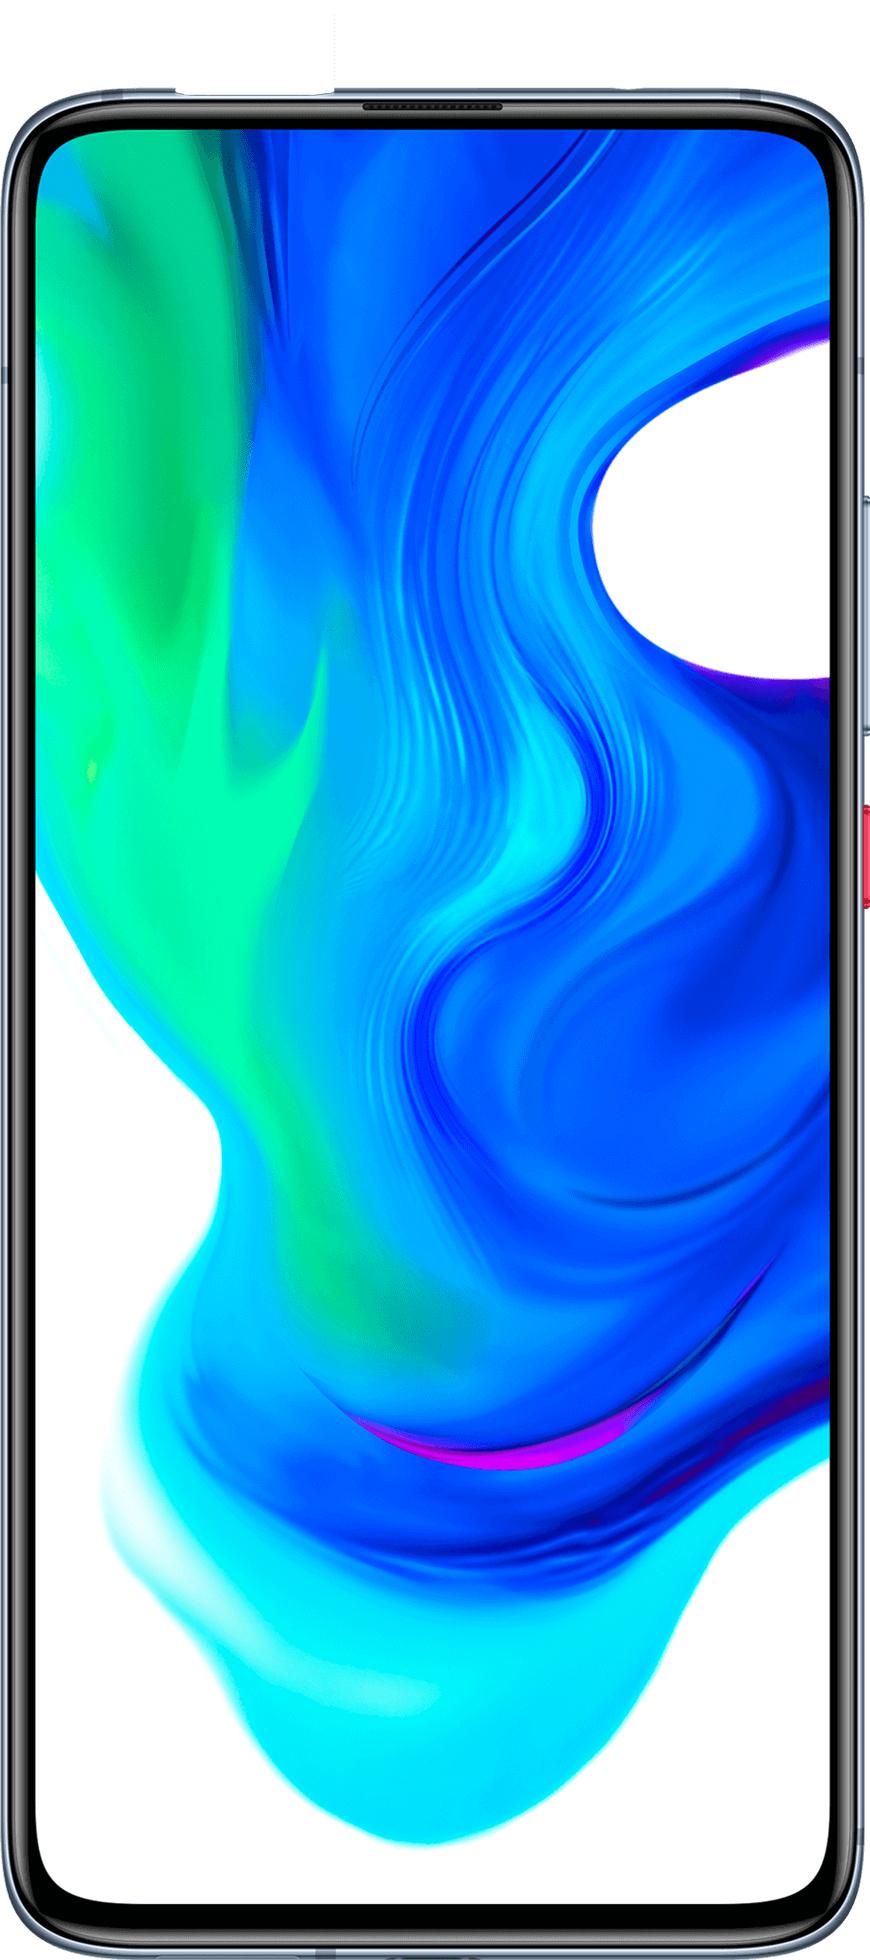 Xiaomi Poco F2 Pro Grey 6GB Ram 128GB Storage £269/ Blue 8Gb Ram 256GB Storage £299 @ Xiaomi